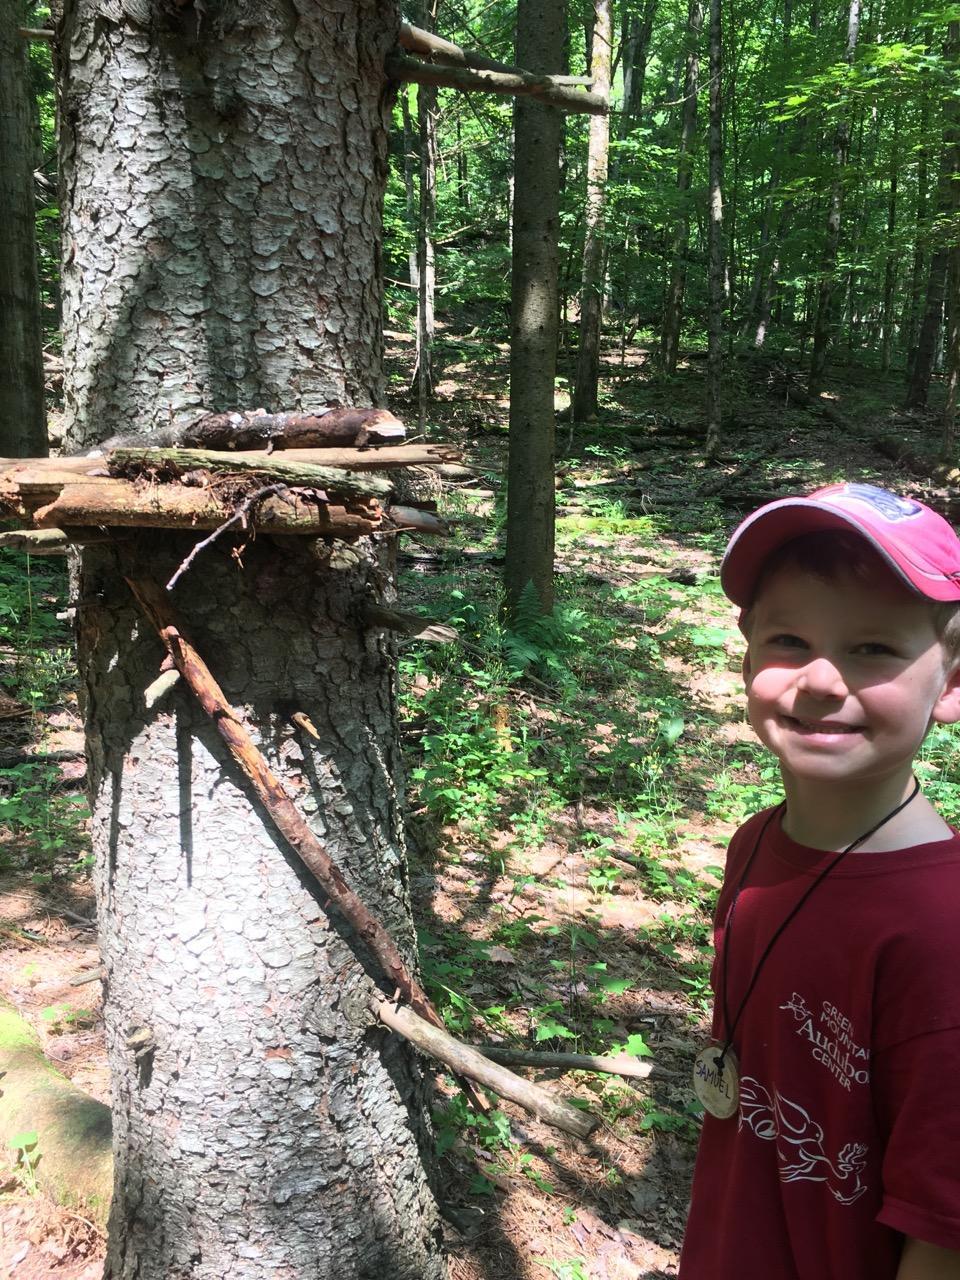 Woods pre-k camp